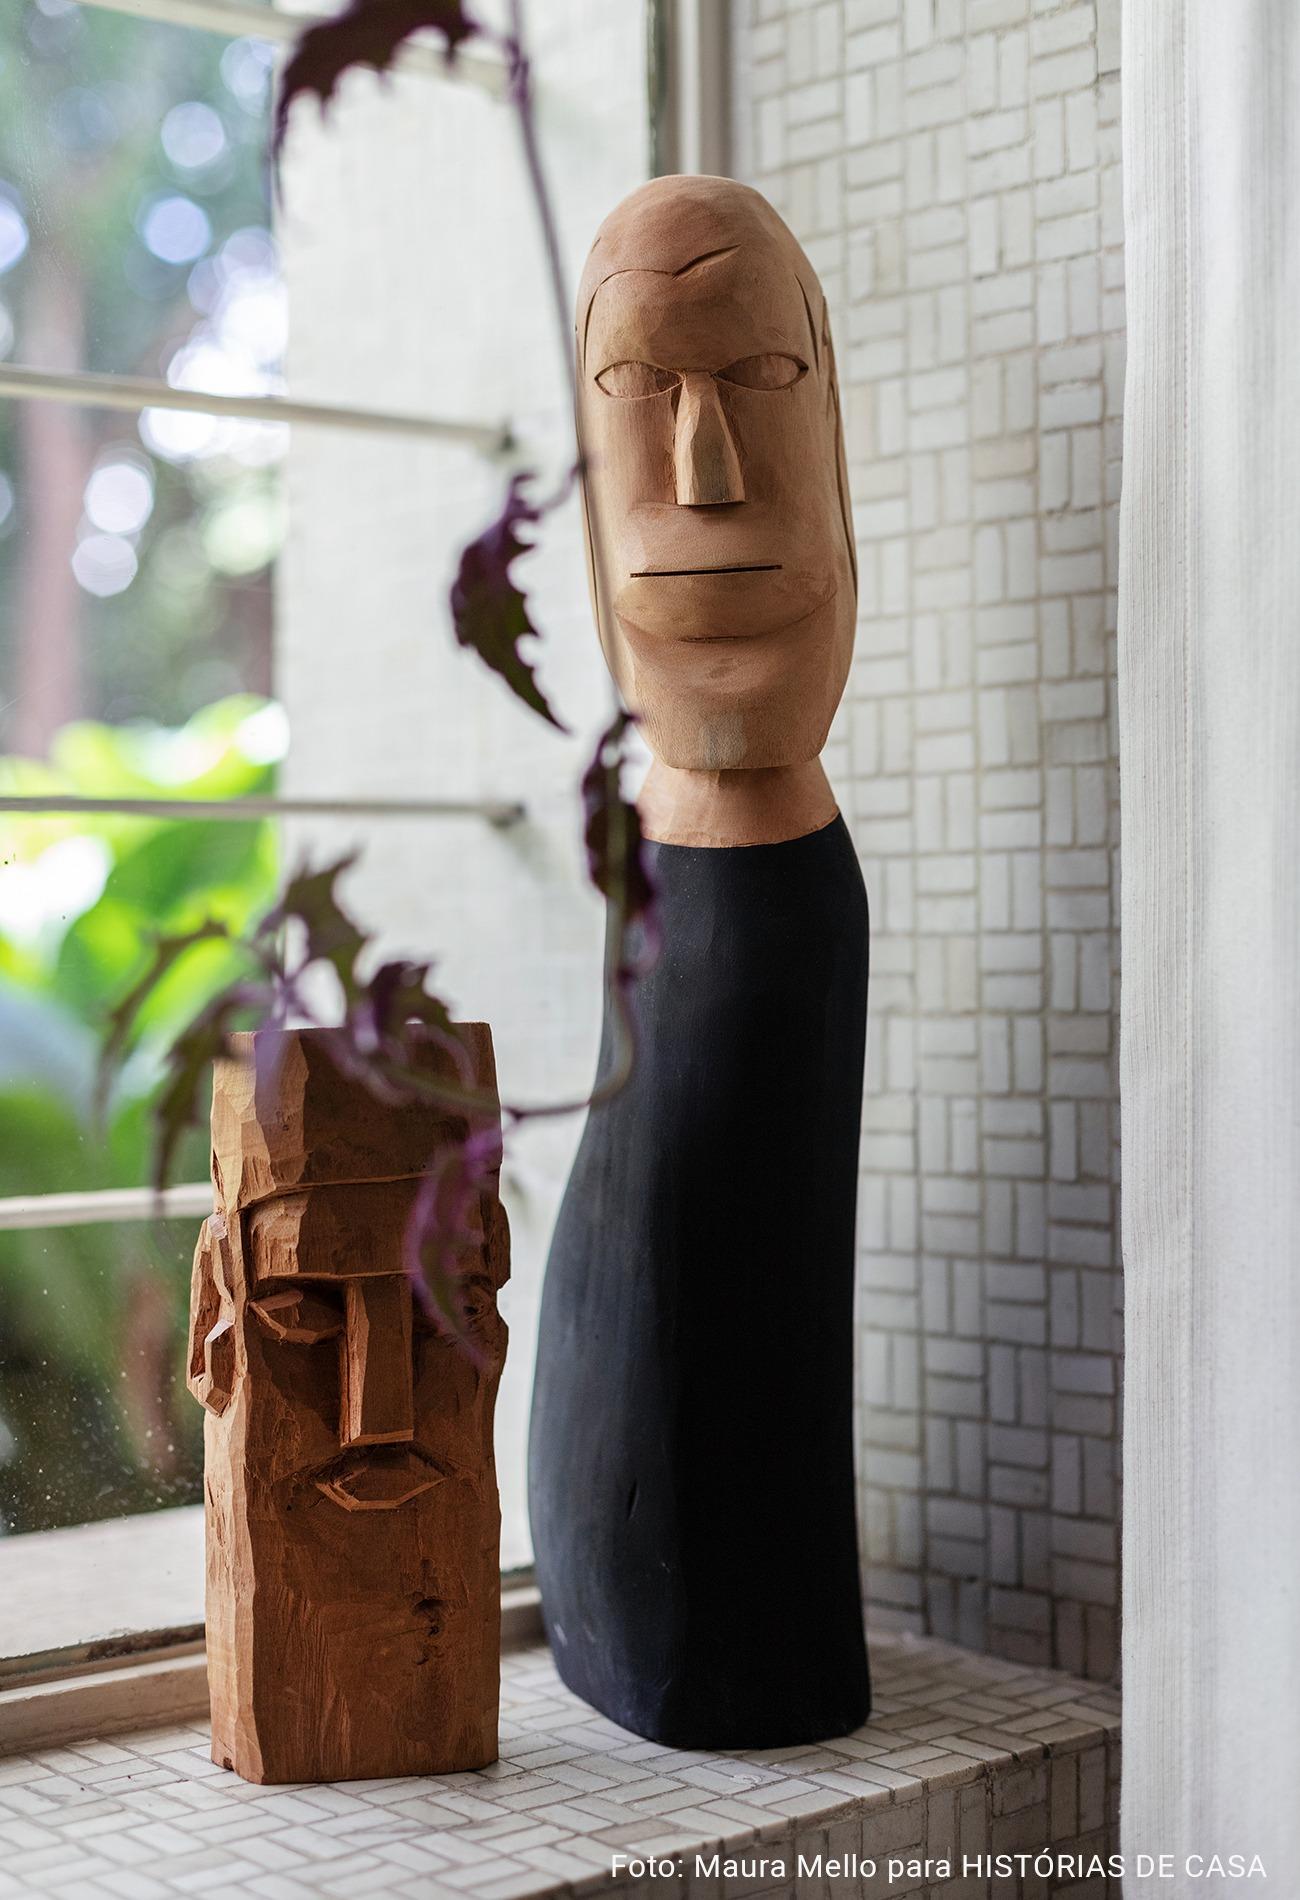 Decoração com objetos de artesanato brasileiro